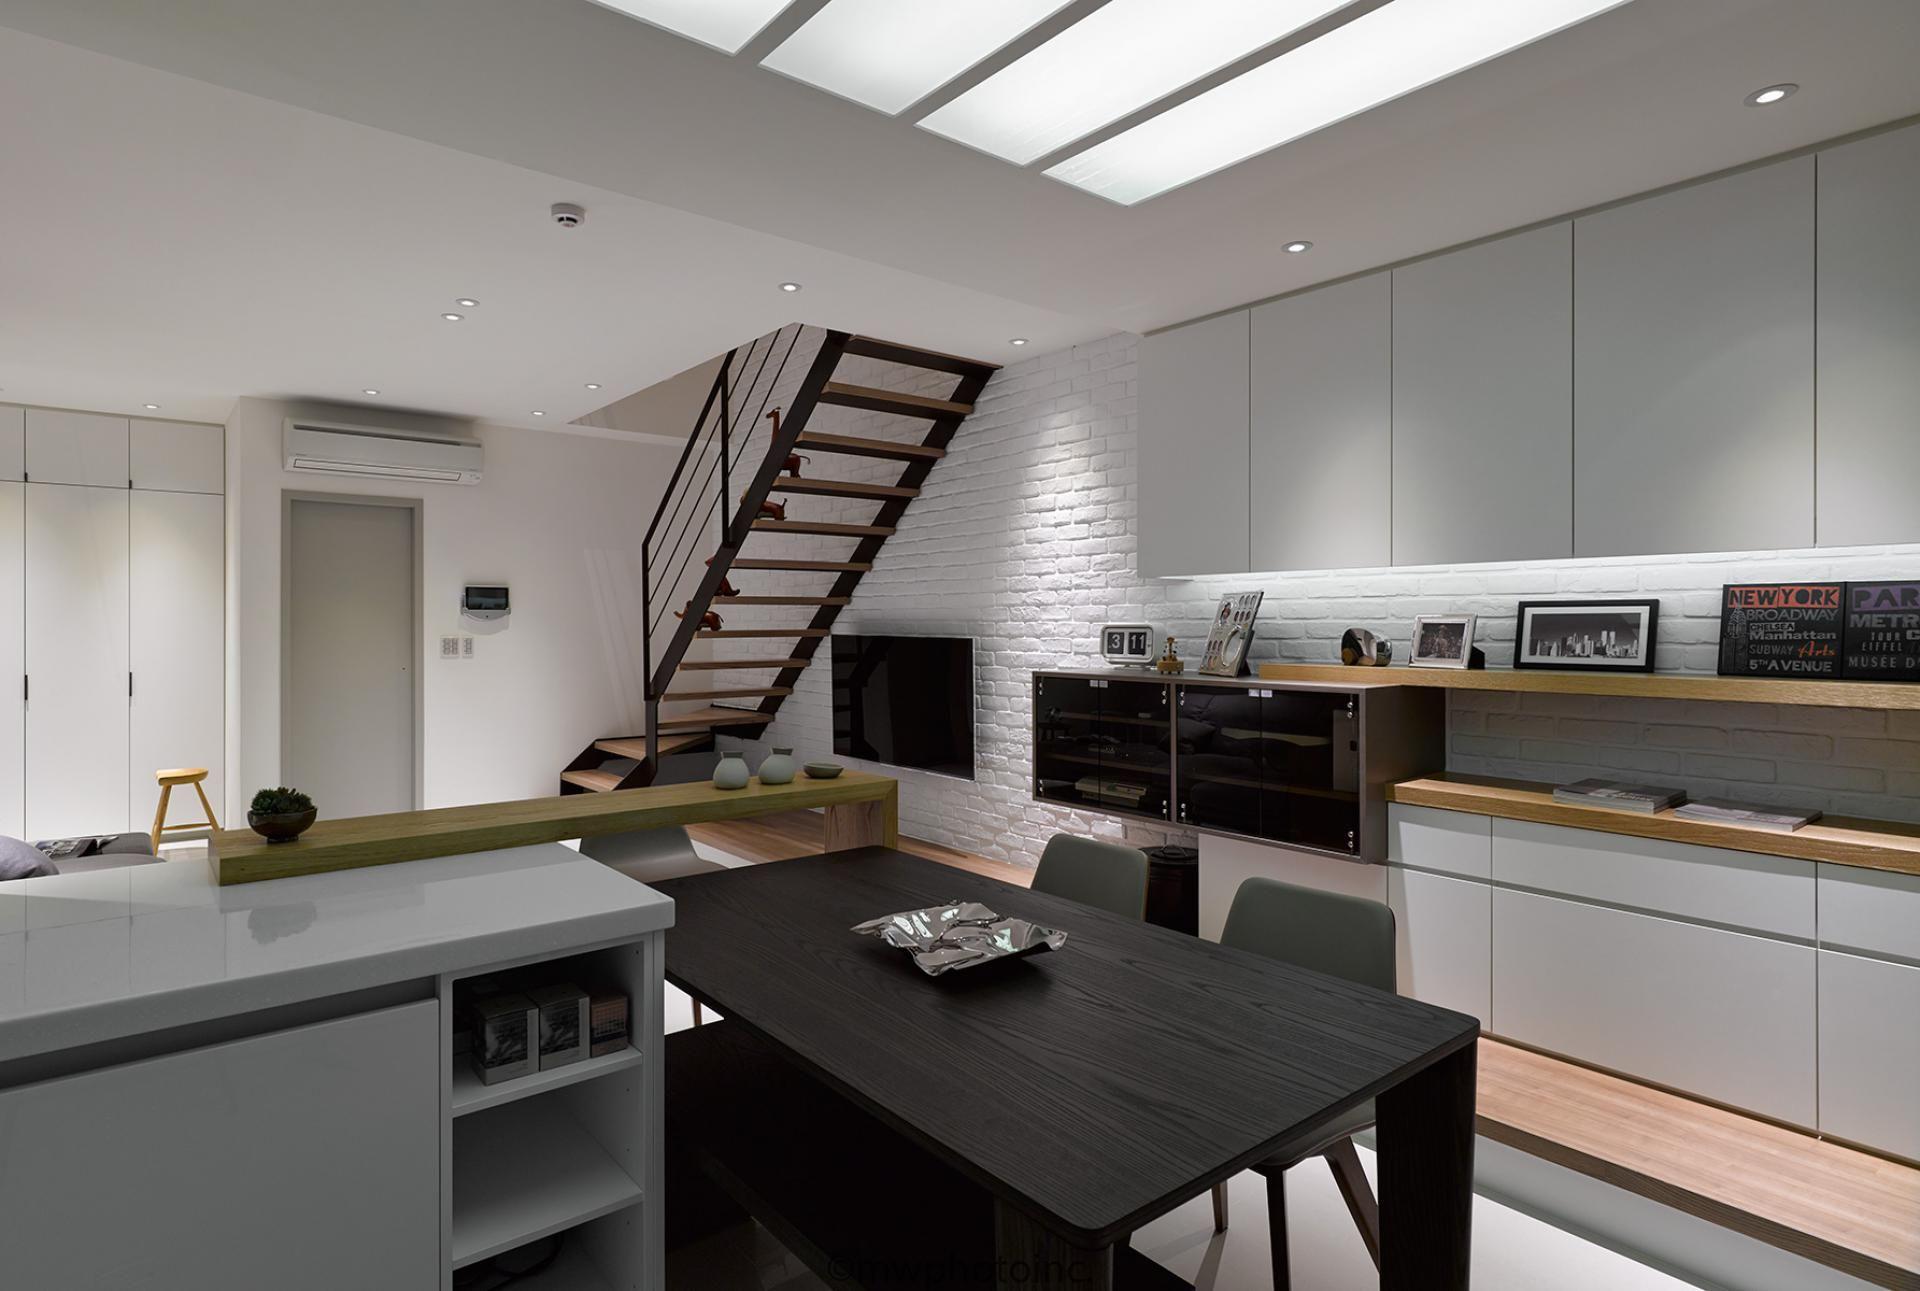 流明設計營造出光線從天井灑落的感覺 而客廳和餐廚的中央空間設計了